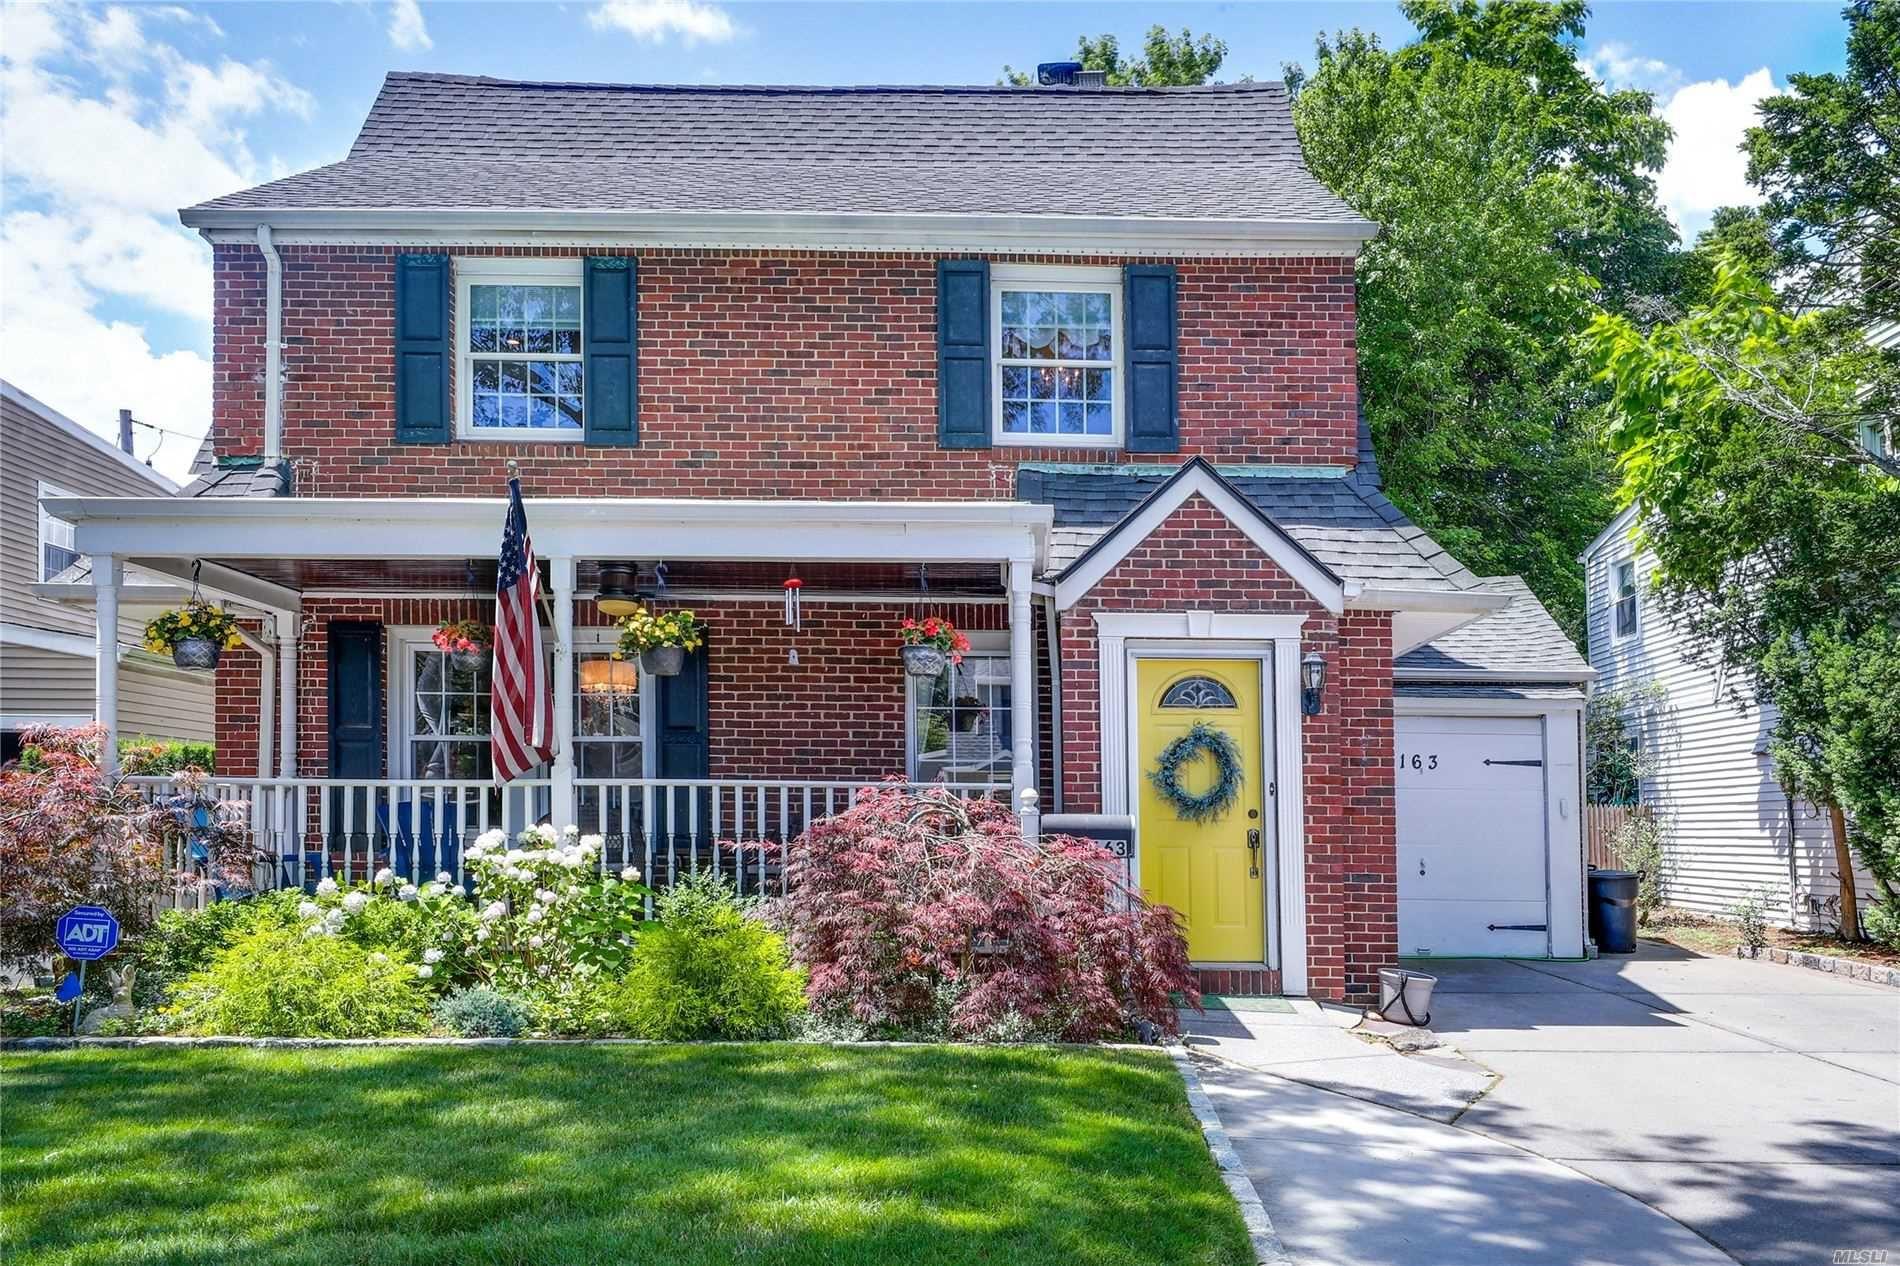 163 Argyle Rd, Garden City, NY 11530 - MLS#: 3233292